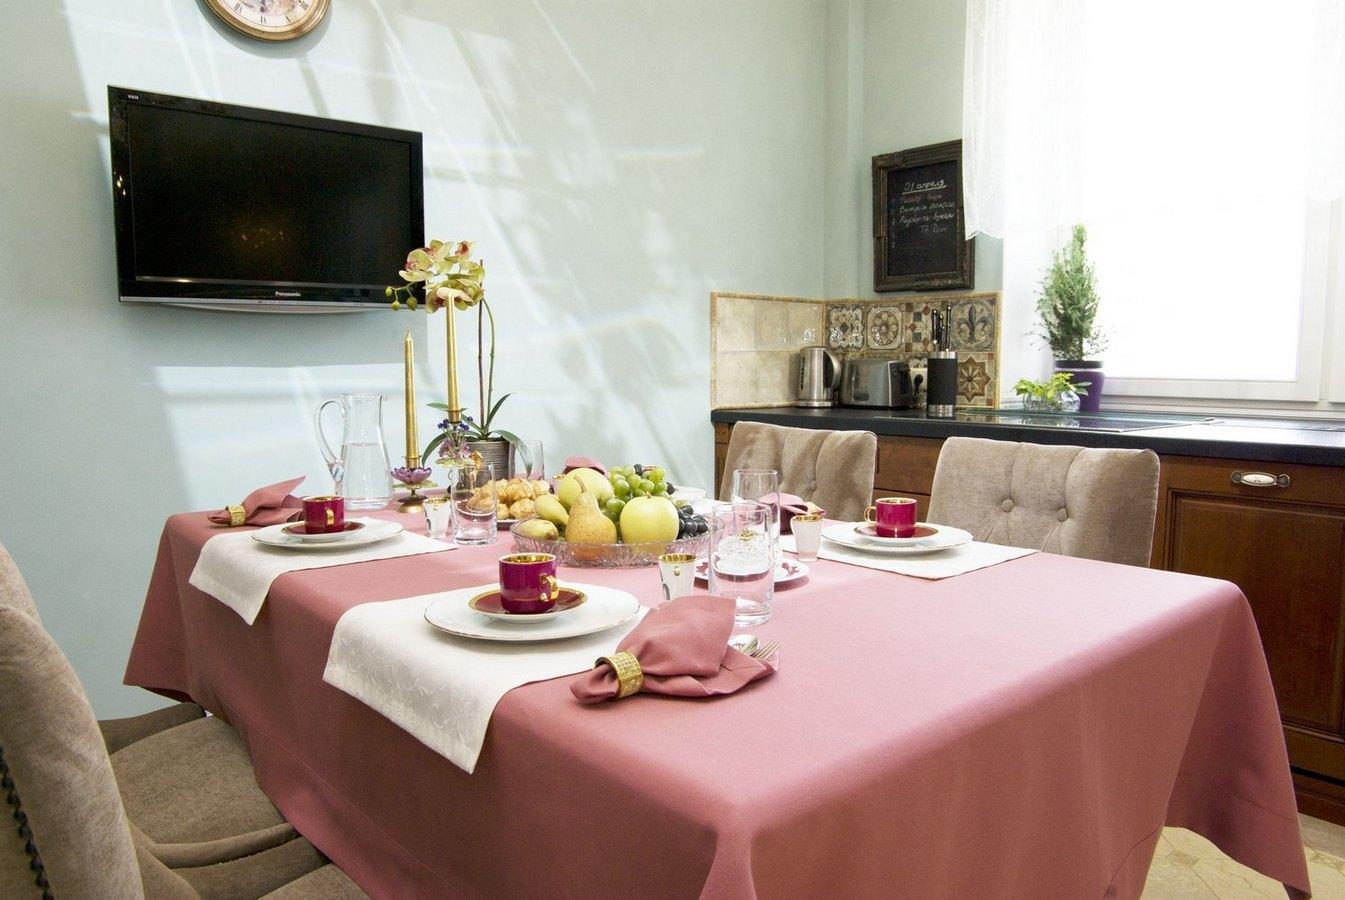 Скатерть не должна свисать с края стола более чем на 50 см, чтобы не мешала сидящим.